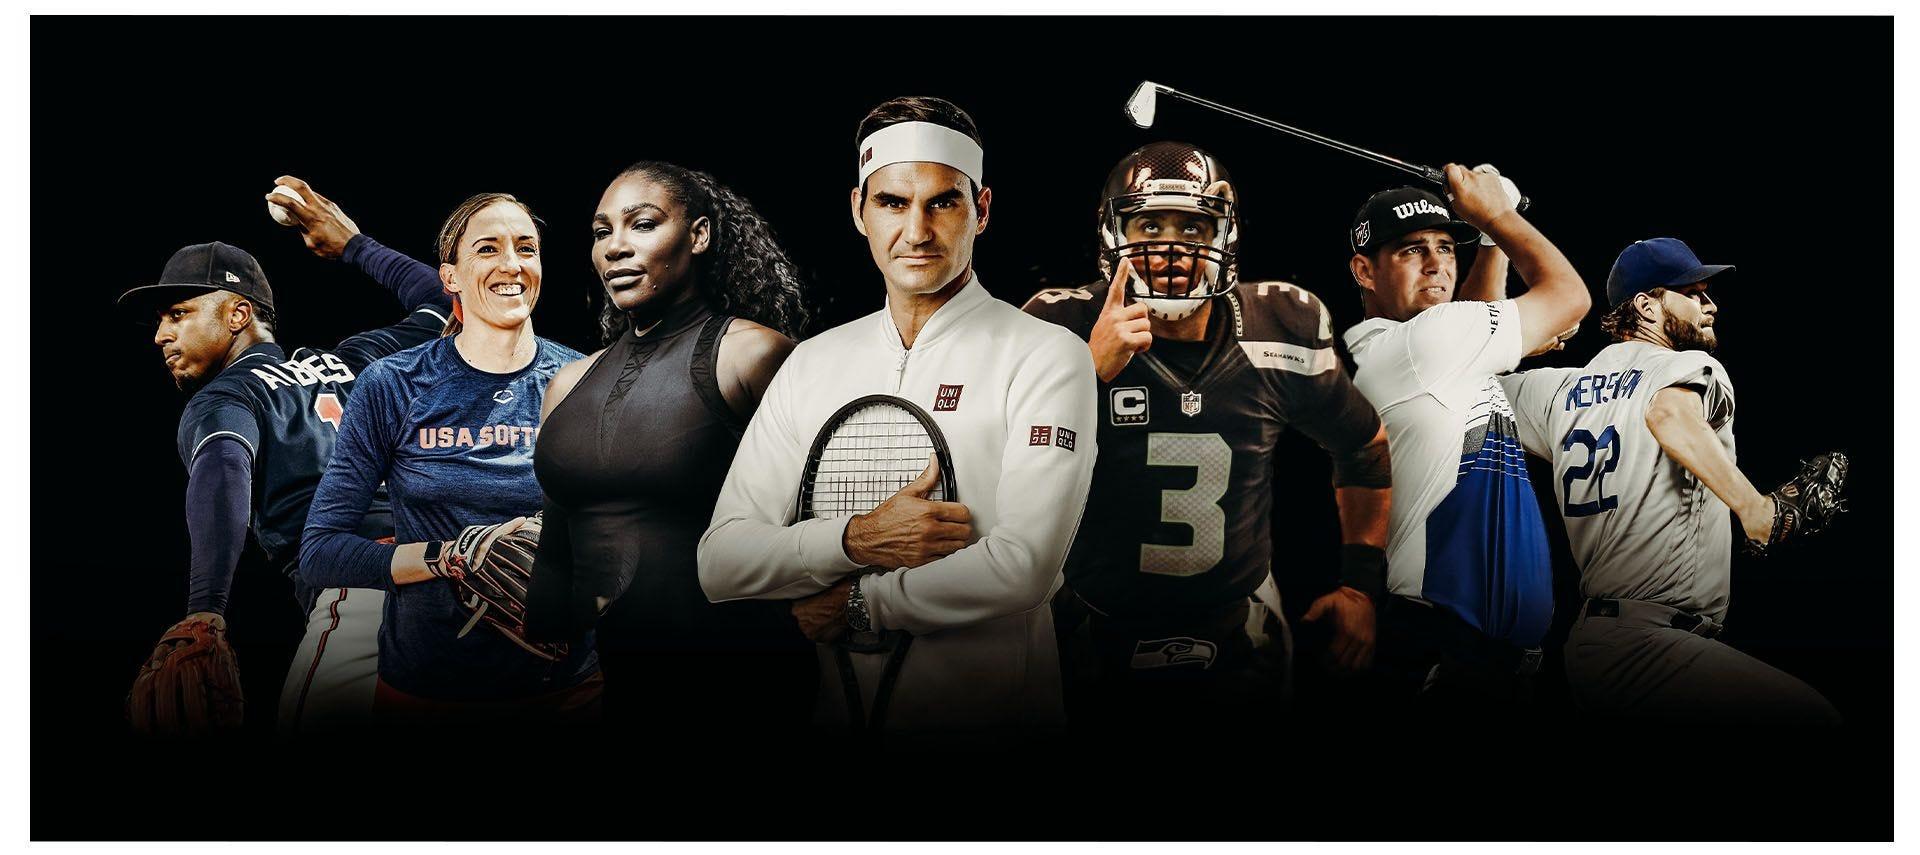 Wilson Professional Athlete Advisory Staff Members, like Serena Williams